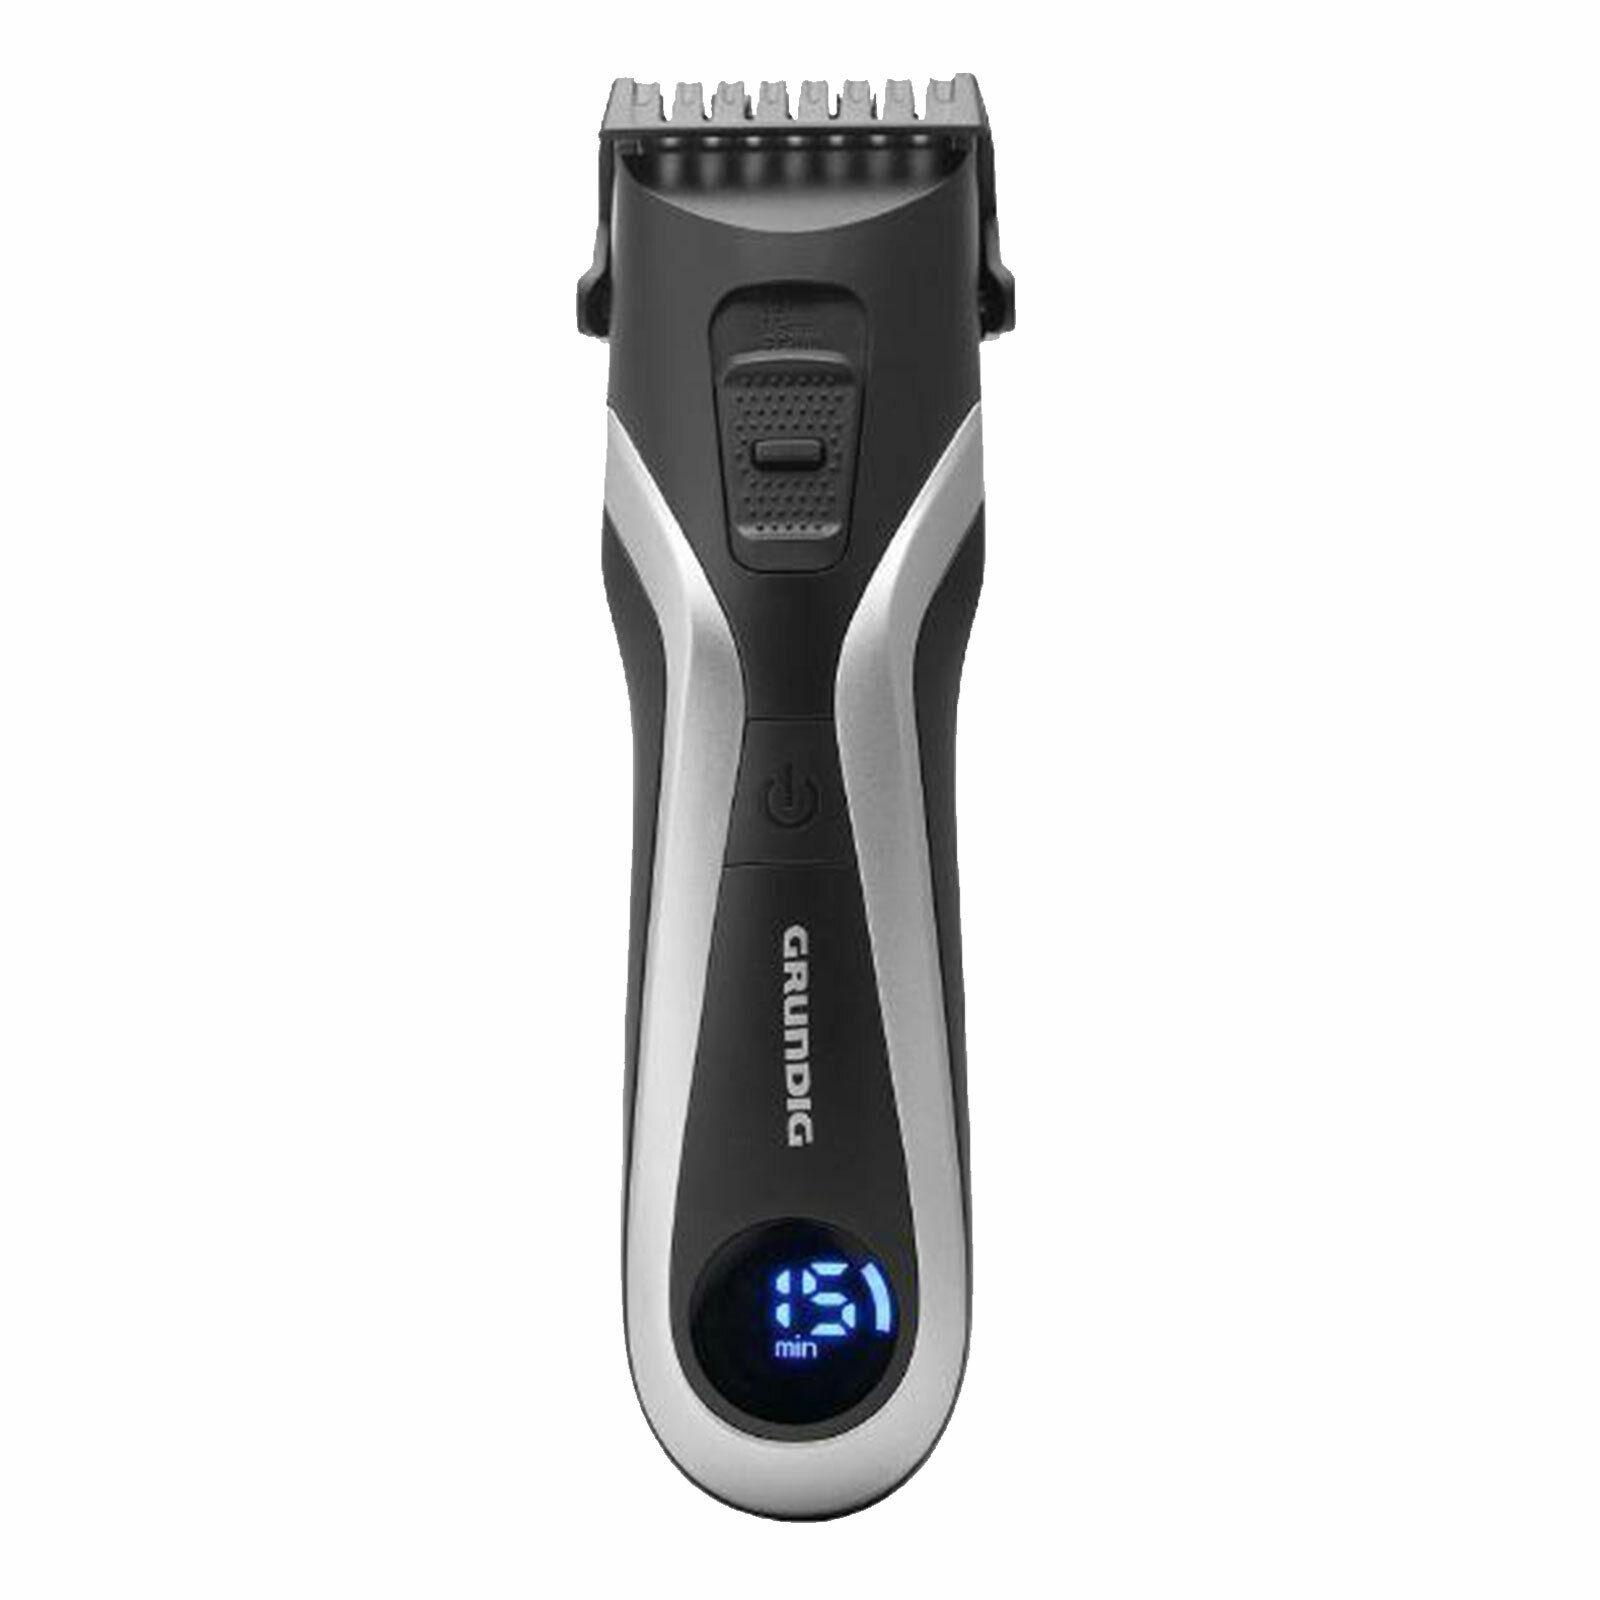 Grundig MC 8840 Haar- und Bartschneider Haarschneidemaschine